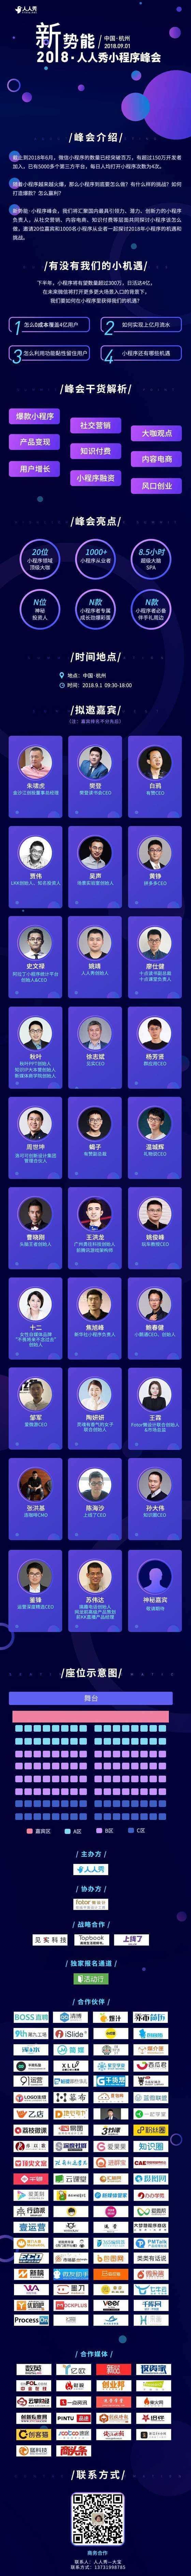 峰会宣传长图-0726-1.png